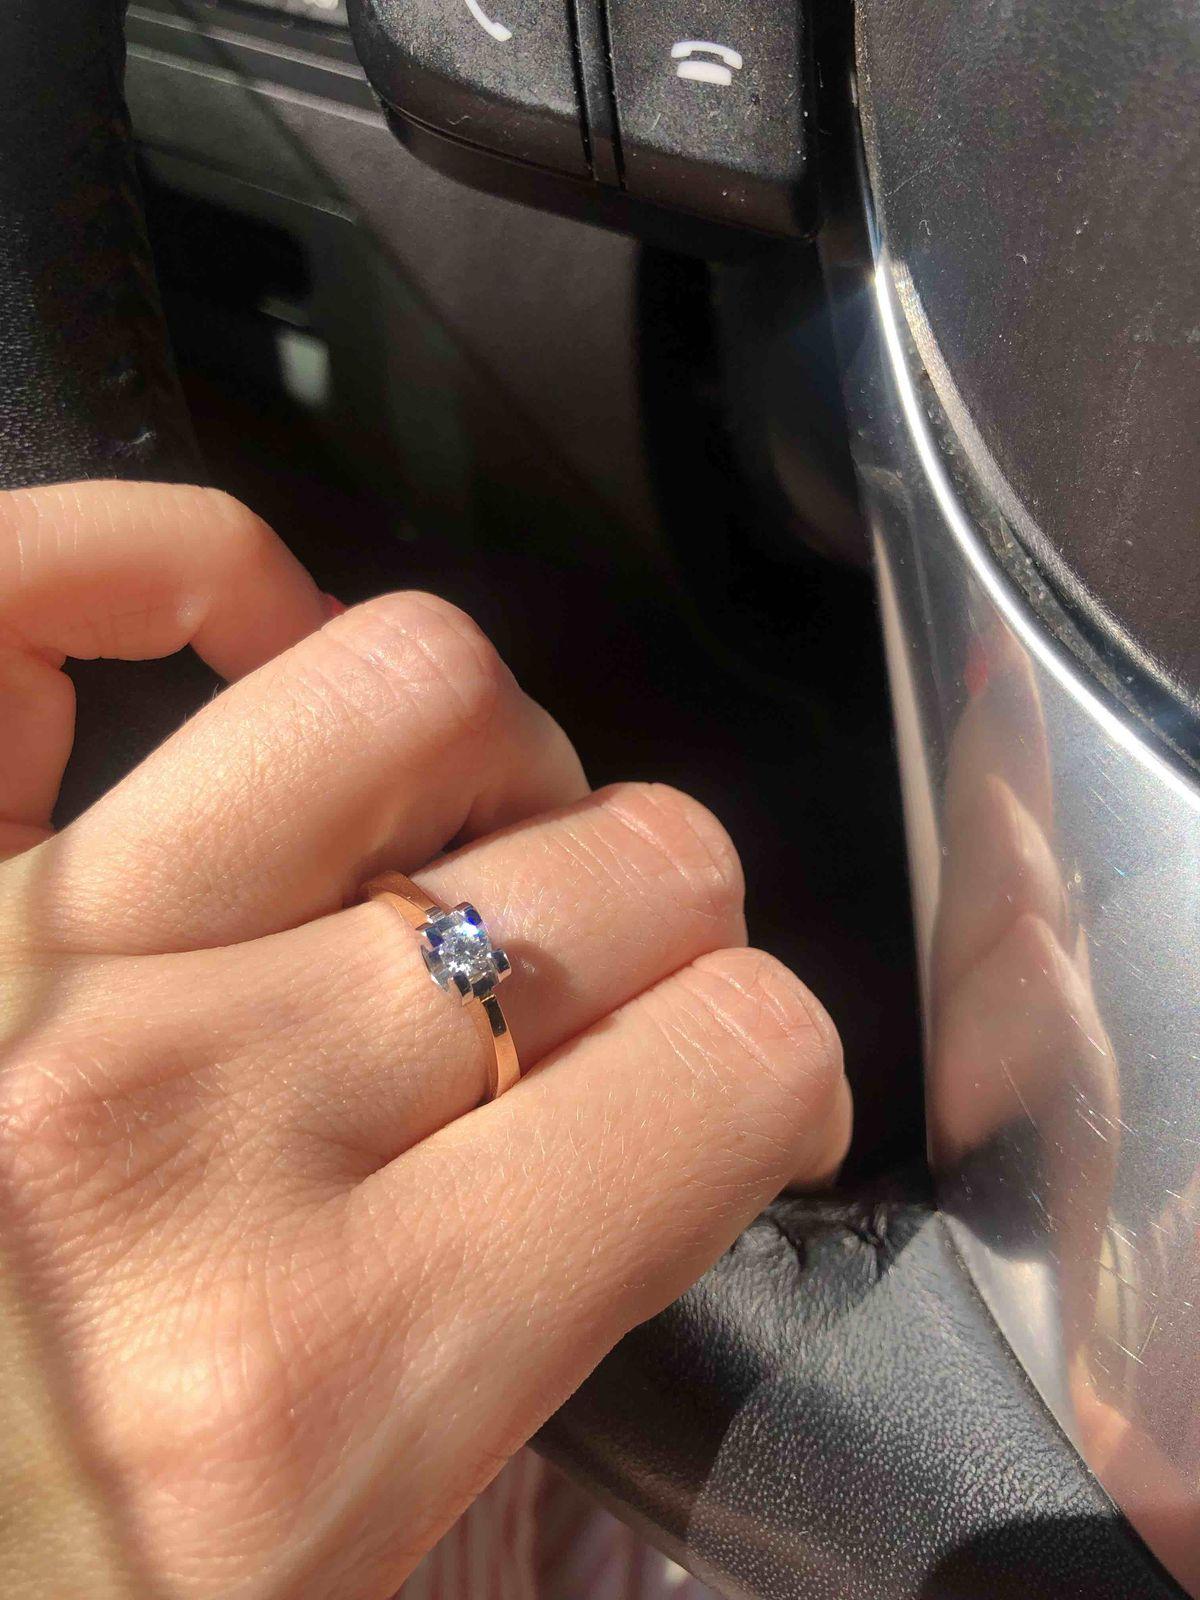 Красивое и интересное кольцо с довольно крупным бриллиантом!